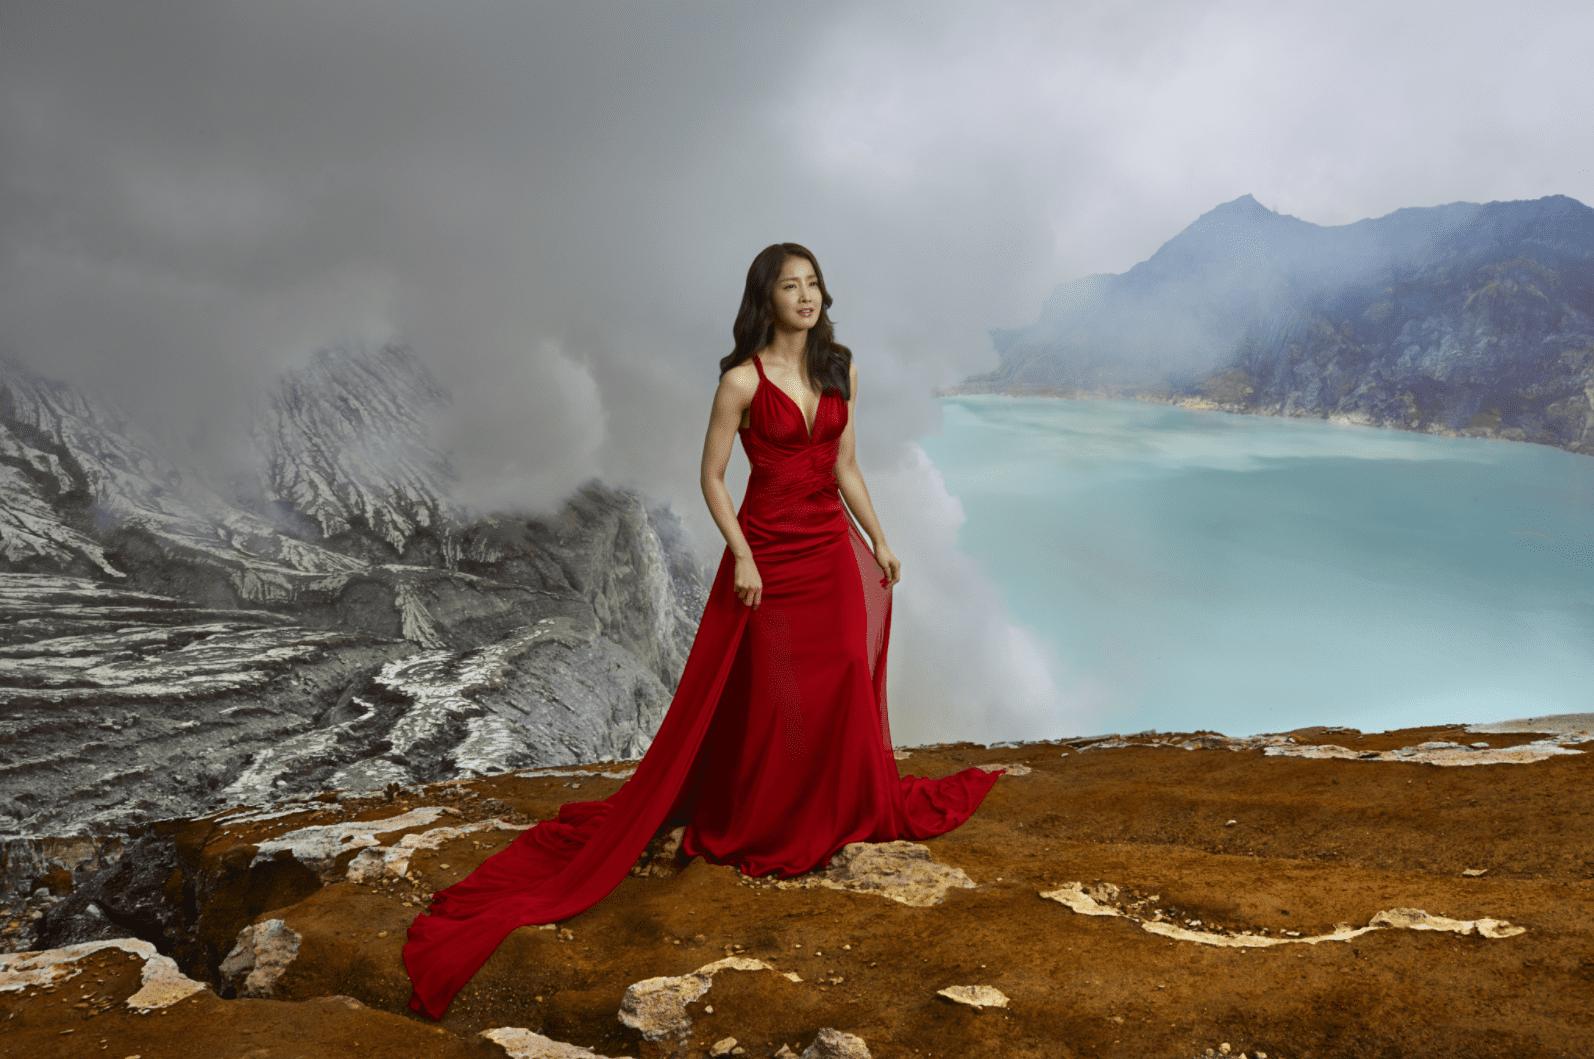 Lee Si Young muestra su lado salvaje y pone a prueba su piel en una nueva campaña de belleza